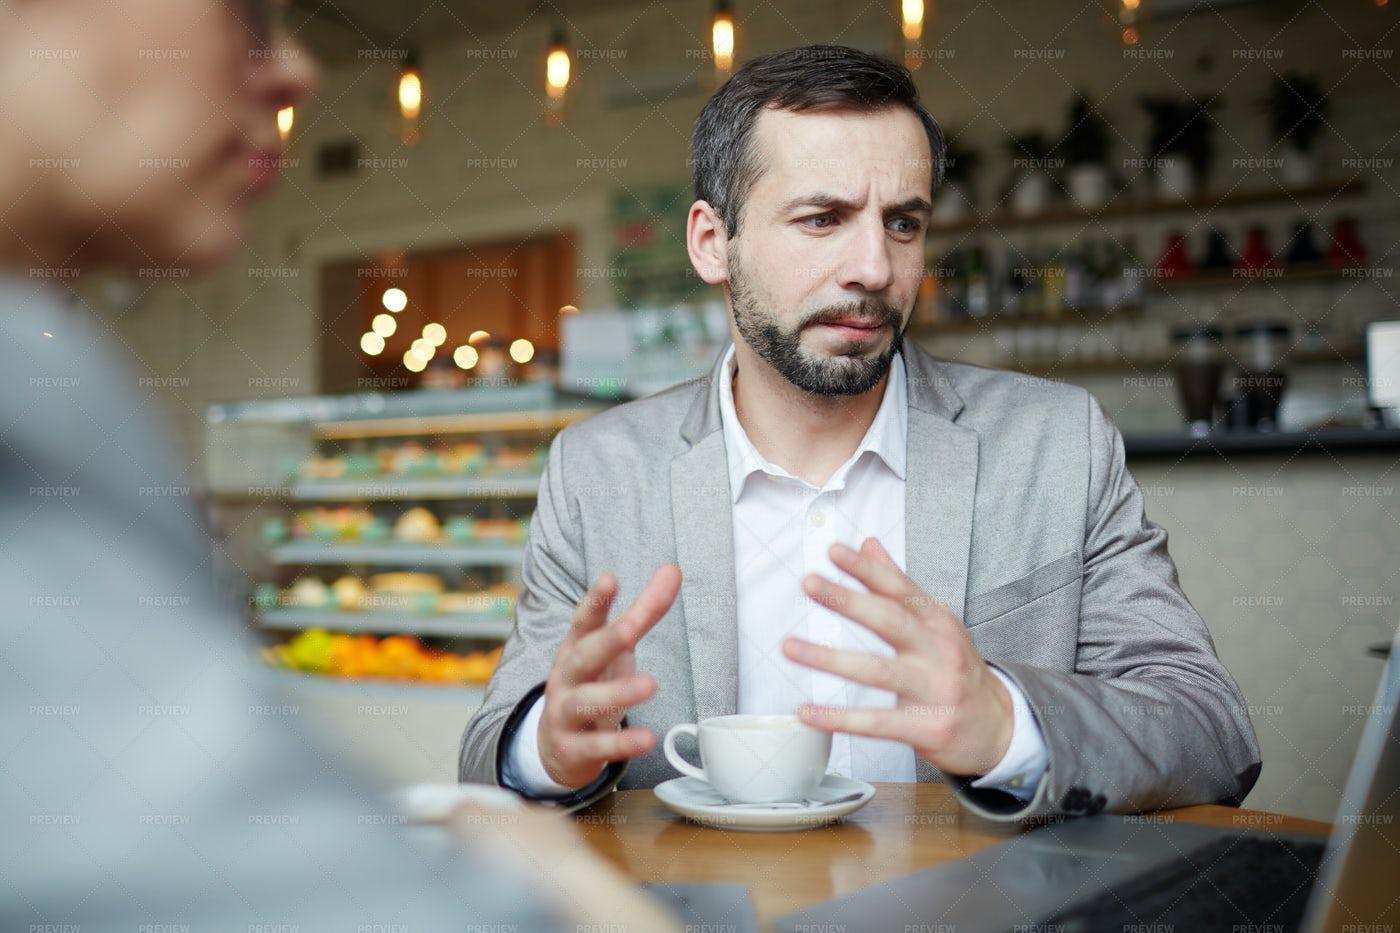 Presentation In Cafe: Stock Photos